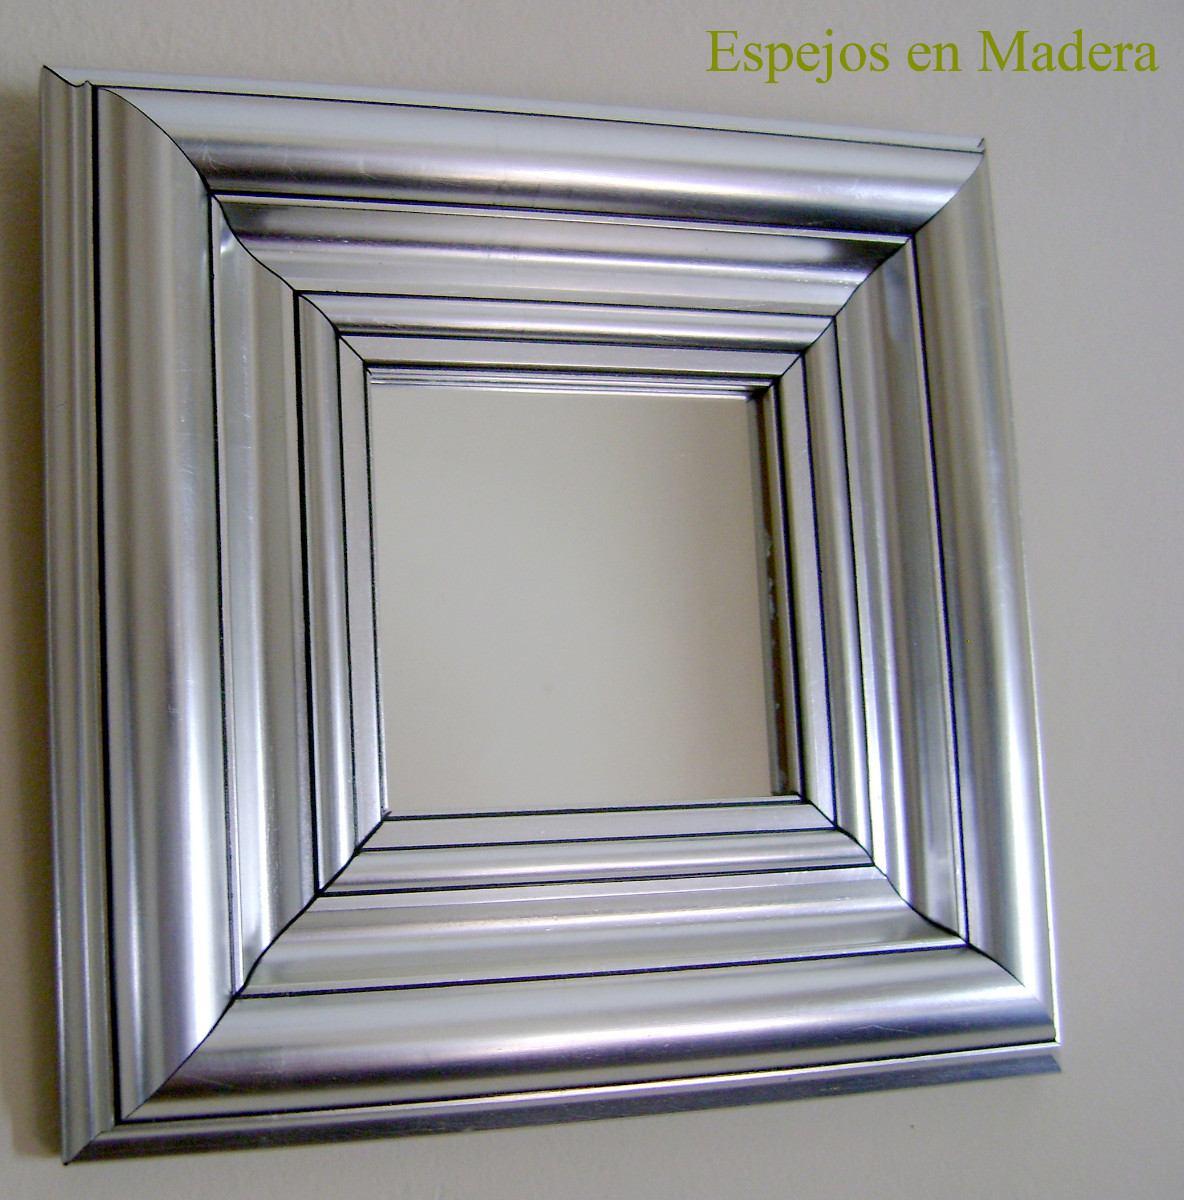 espejo en madera plateado decorativo en y cm x